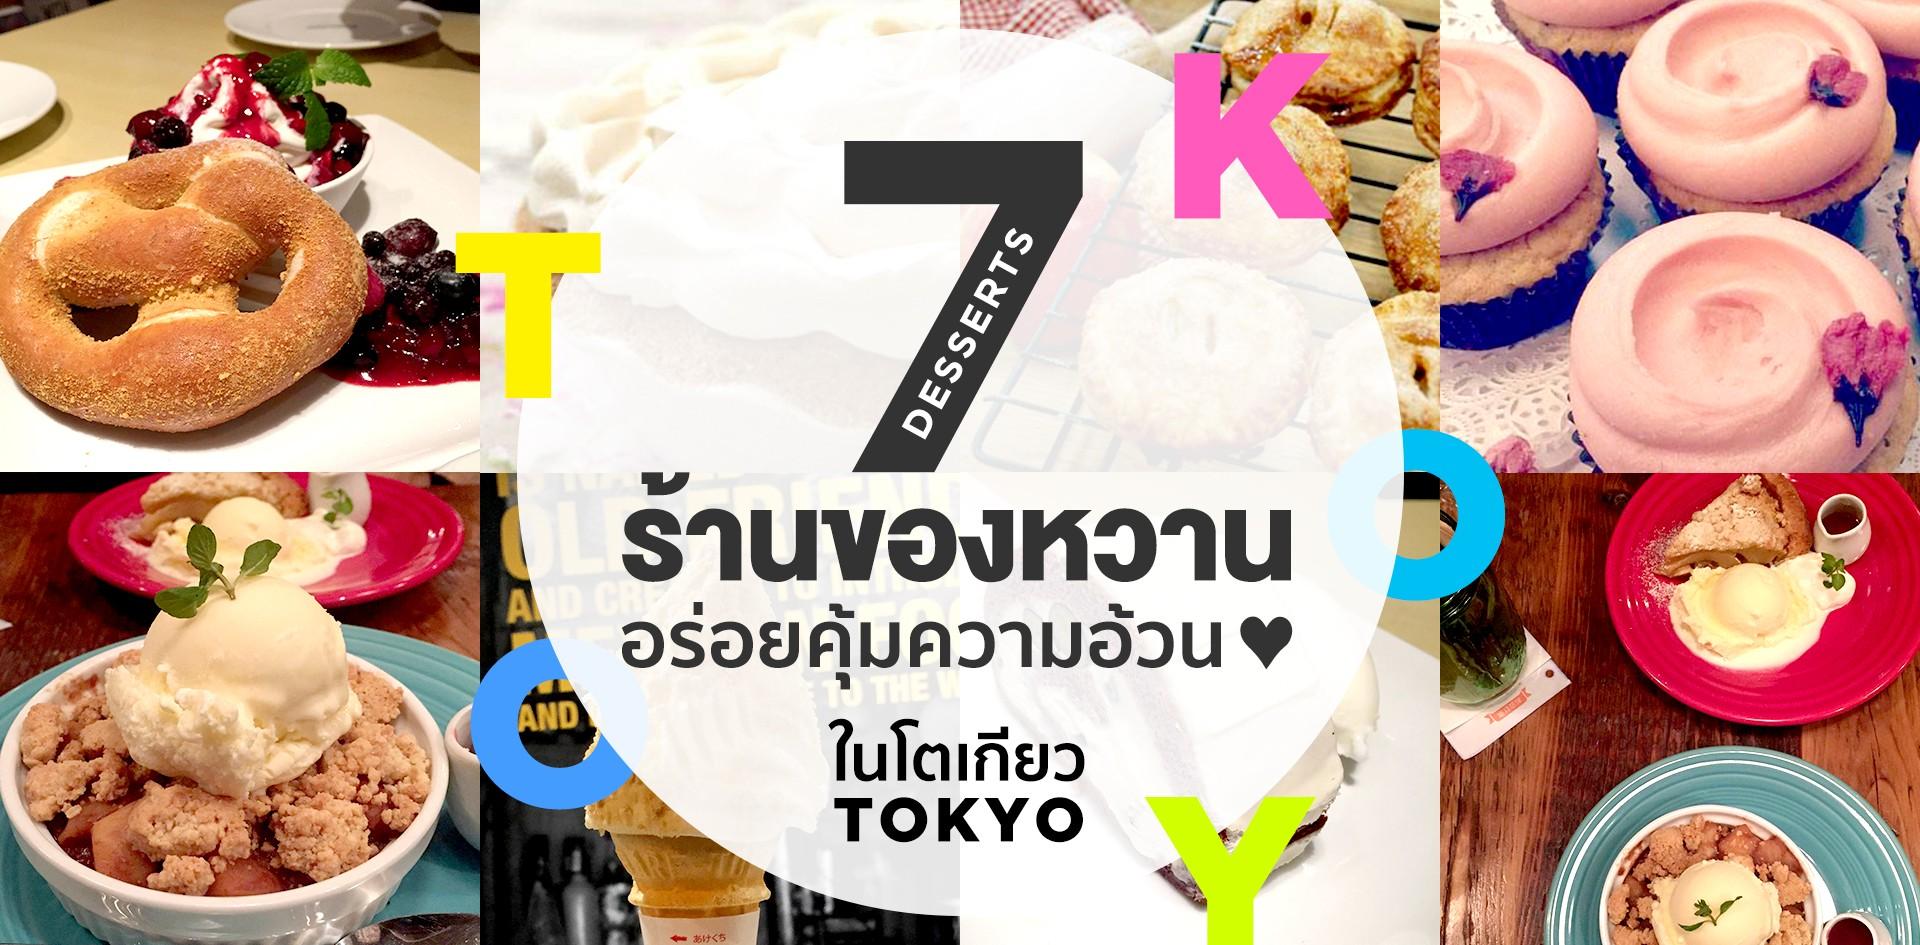 7 ร้านของหวานอร่อยคุ้มความอ้วนในโตเกียว